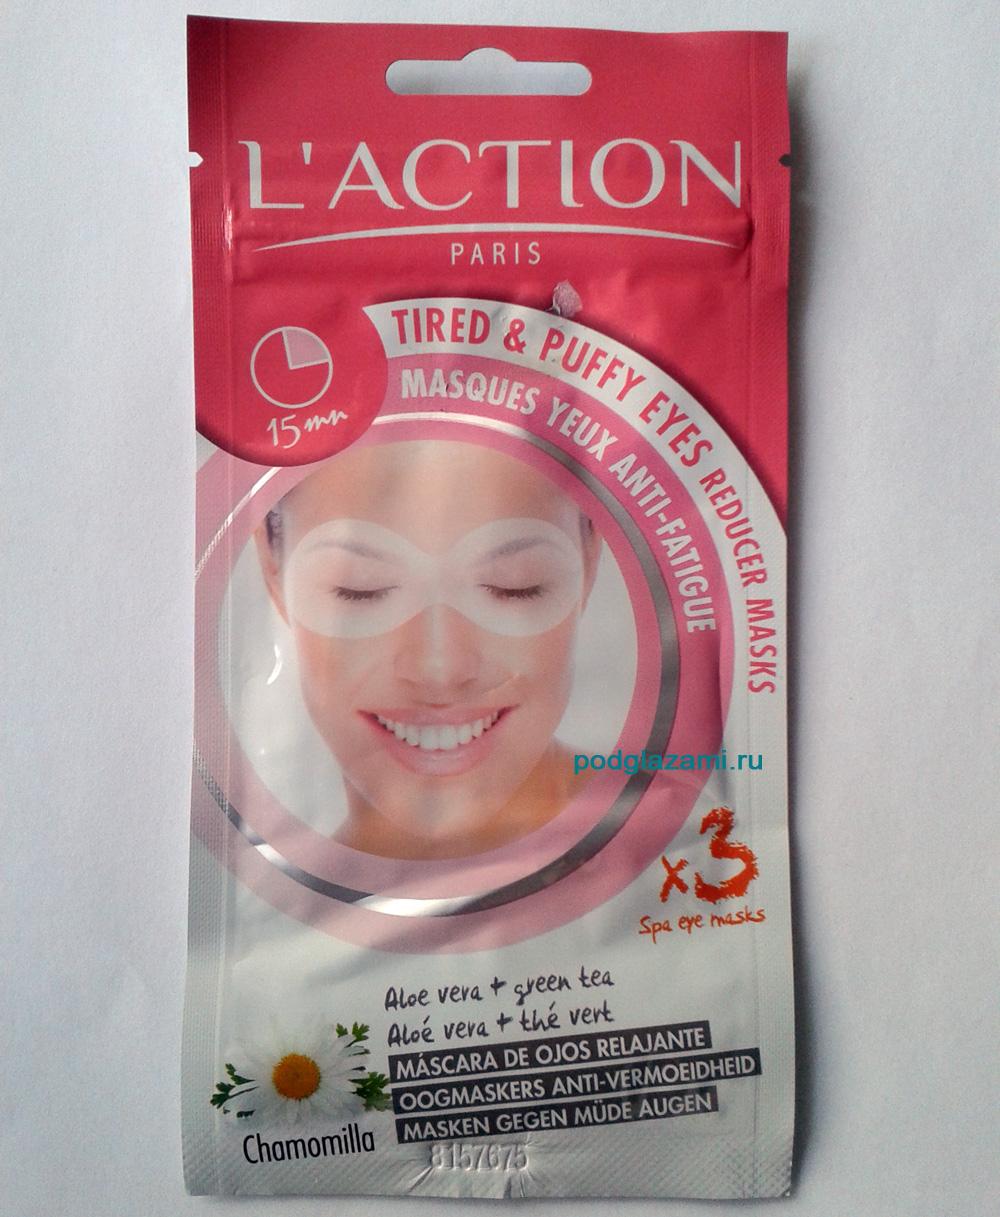 L'Action маска против усталости для контура глаз: отзыв